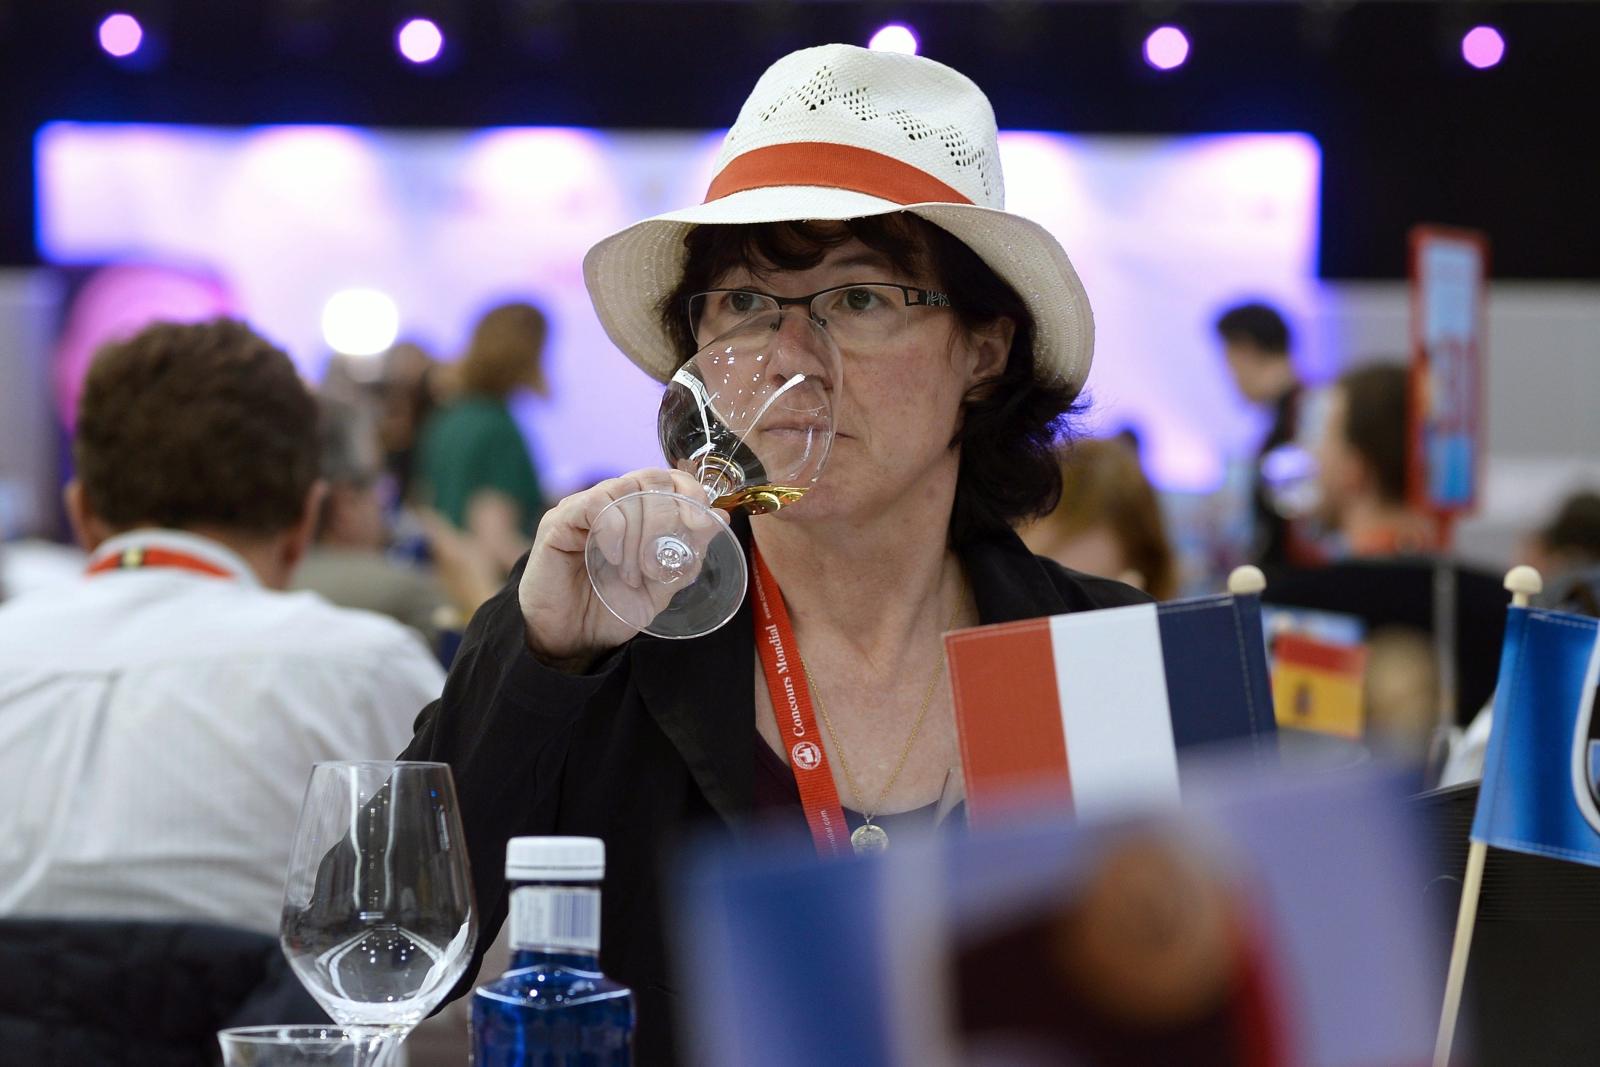 Światowy Konkurs Win Brukselskich w Hiszpanii. Fot. PAP/EPA/NACHO GALLEGO